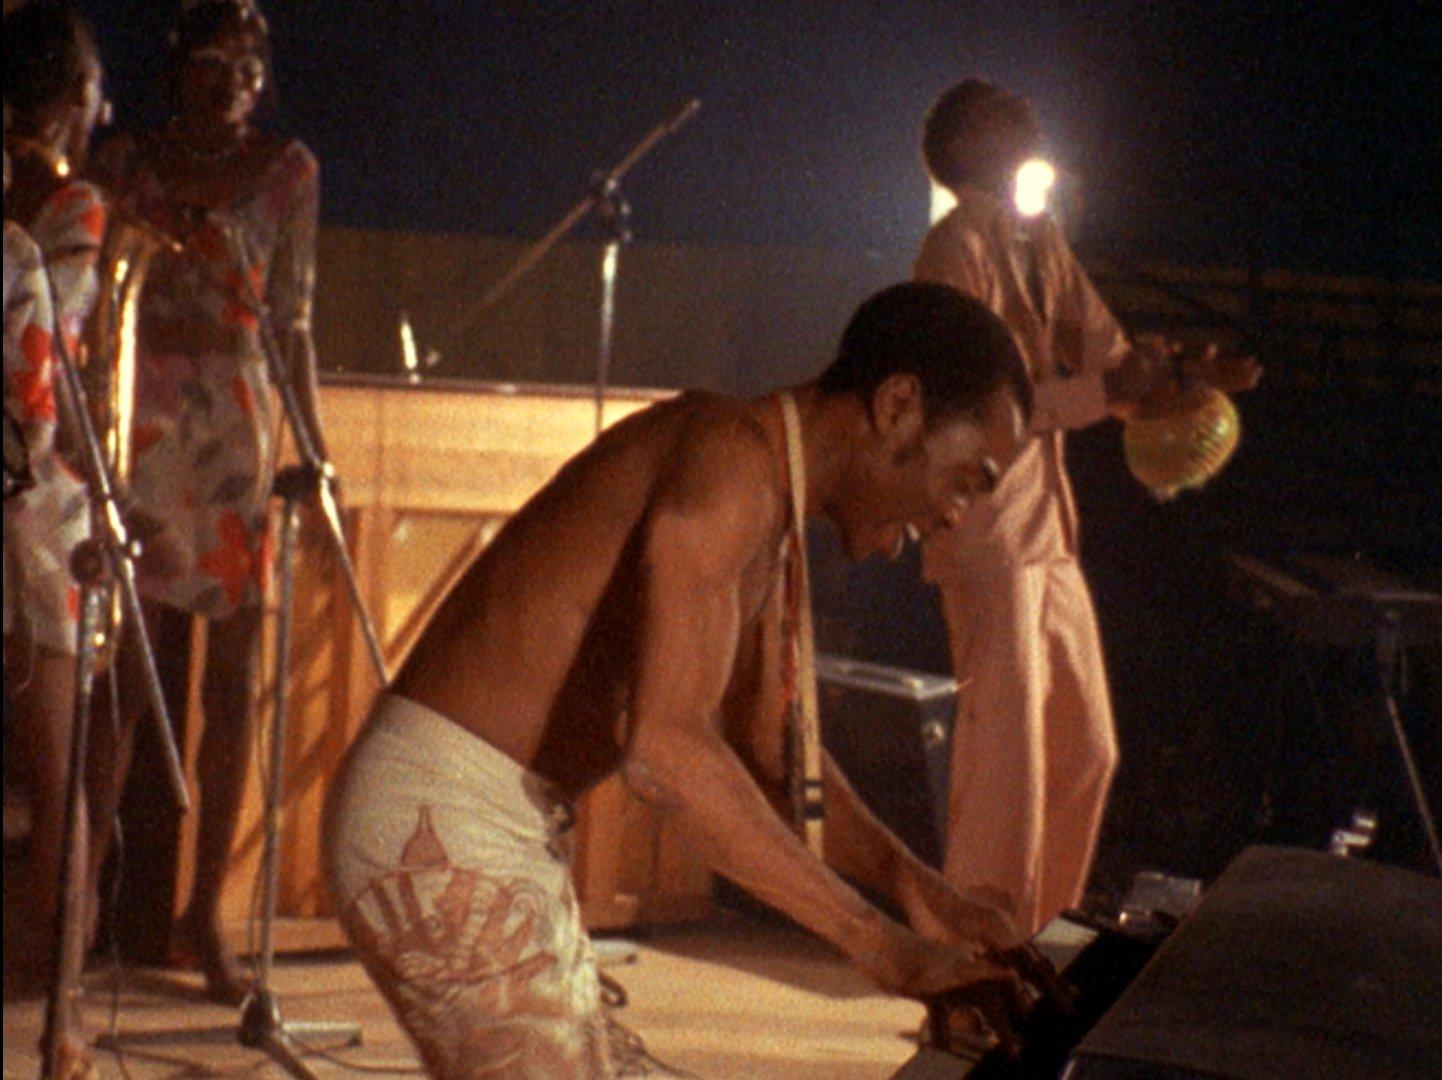 Finding Fela: Fela Kuti in un'immagine del documentario diretto da Alex Gibney